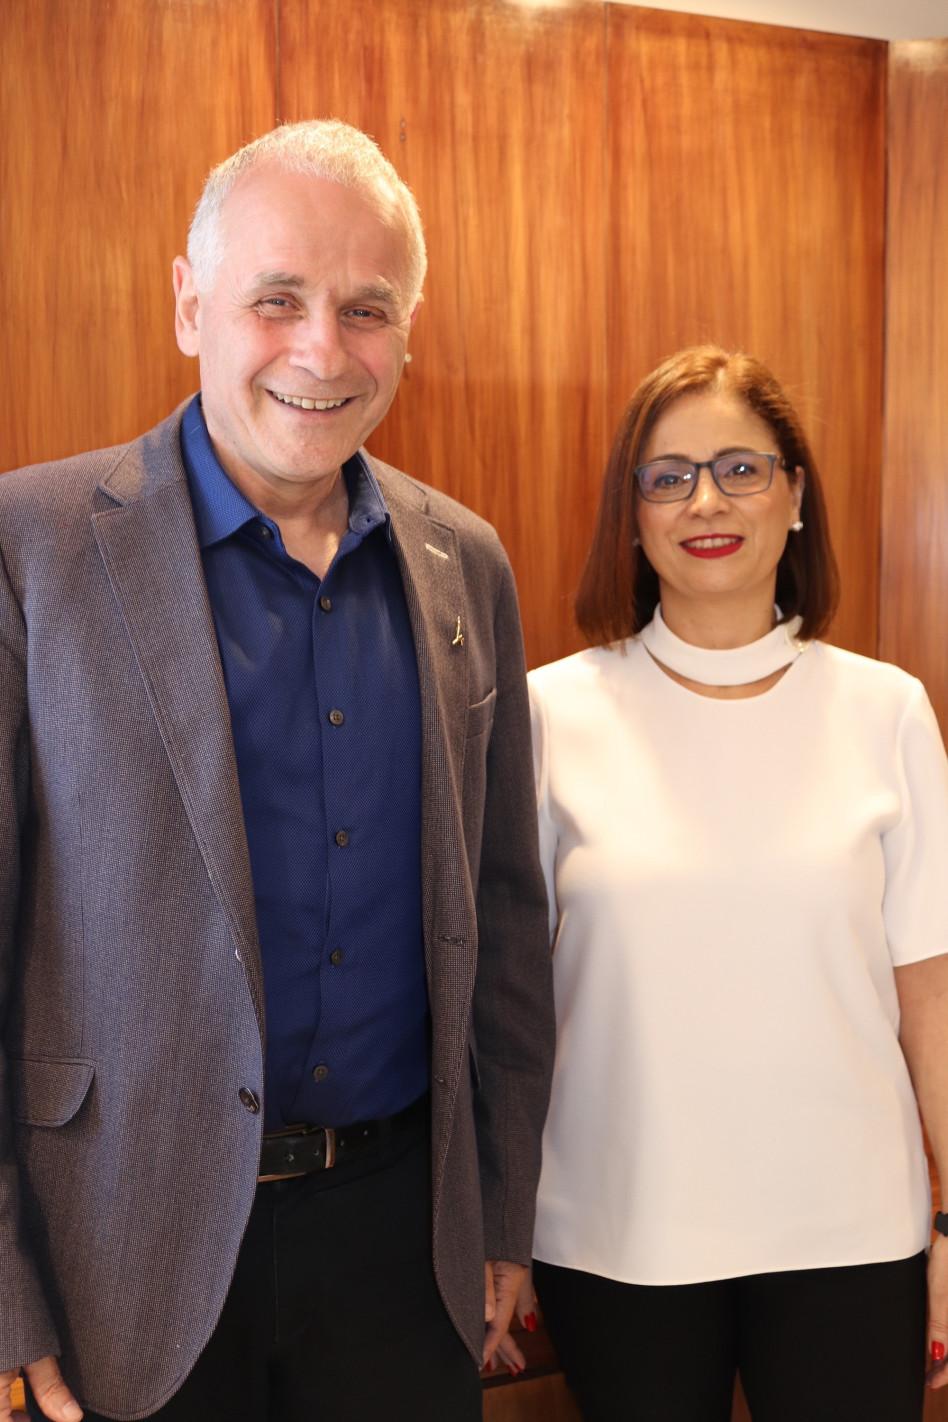 מונא חורי-כסאברי ואשר כהן (צילום: האוניברסיטה העברית)